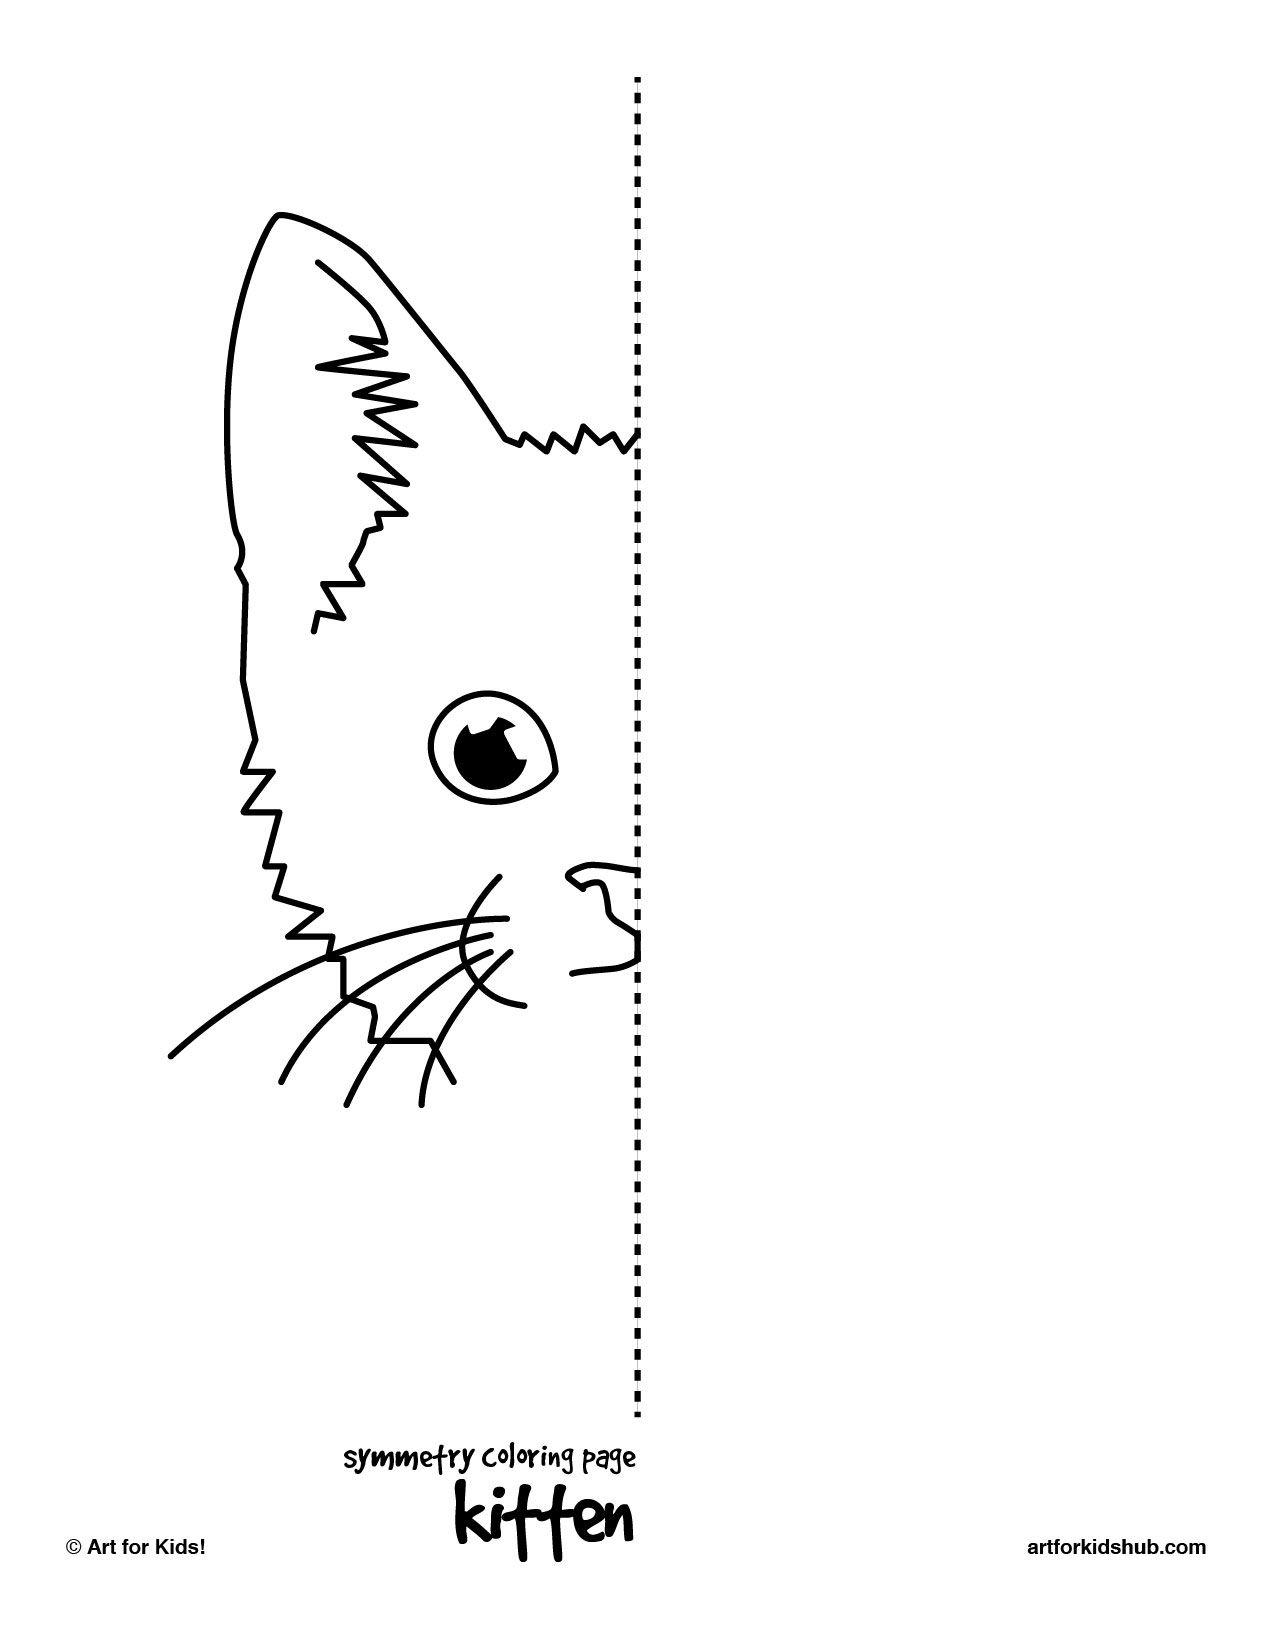 Kitten Symmetry